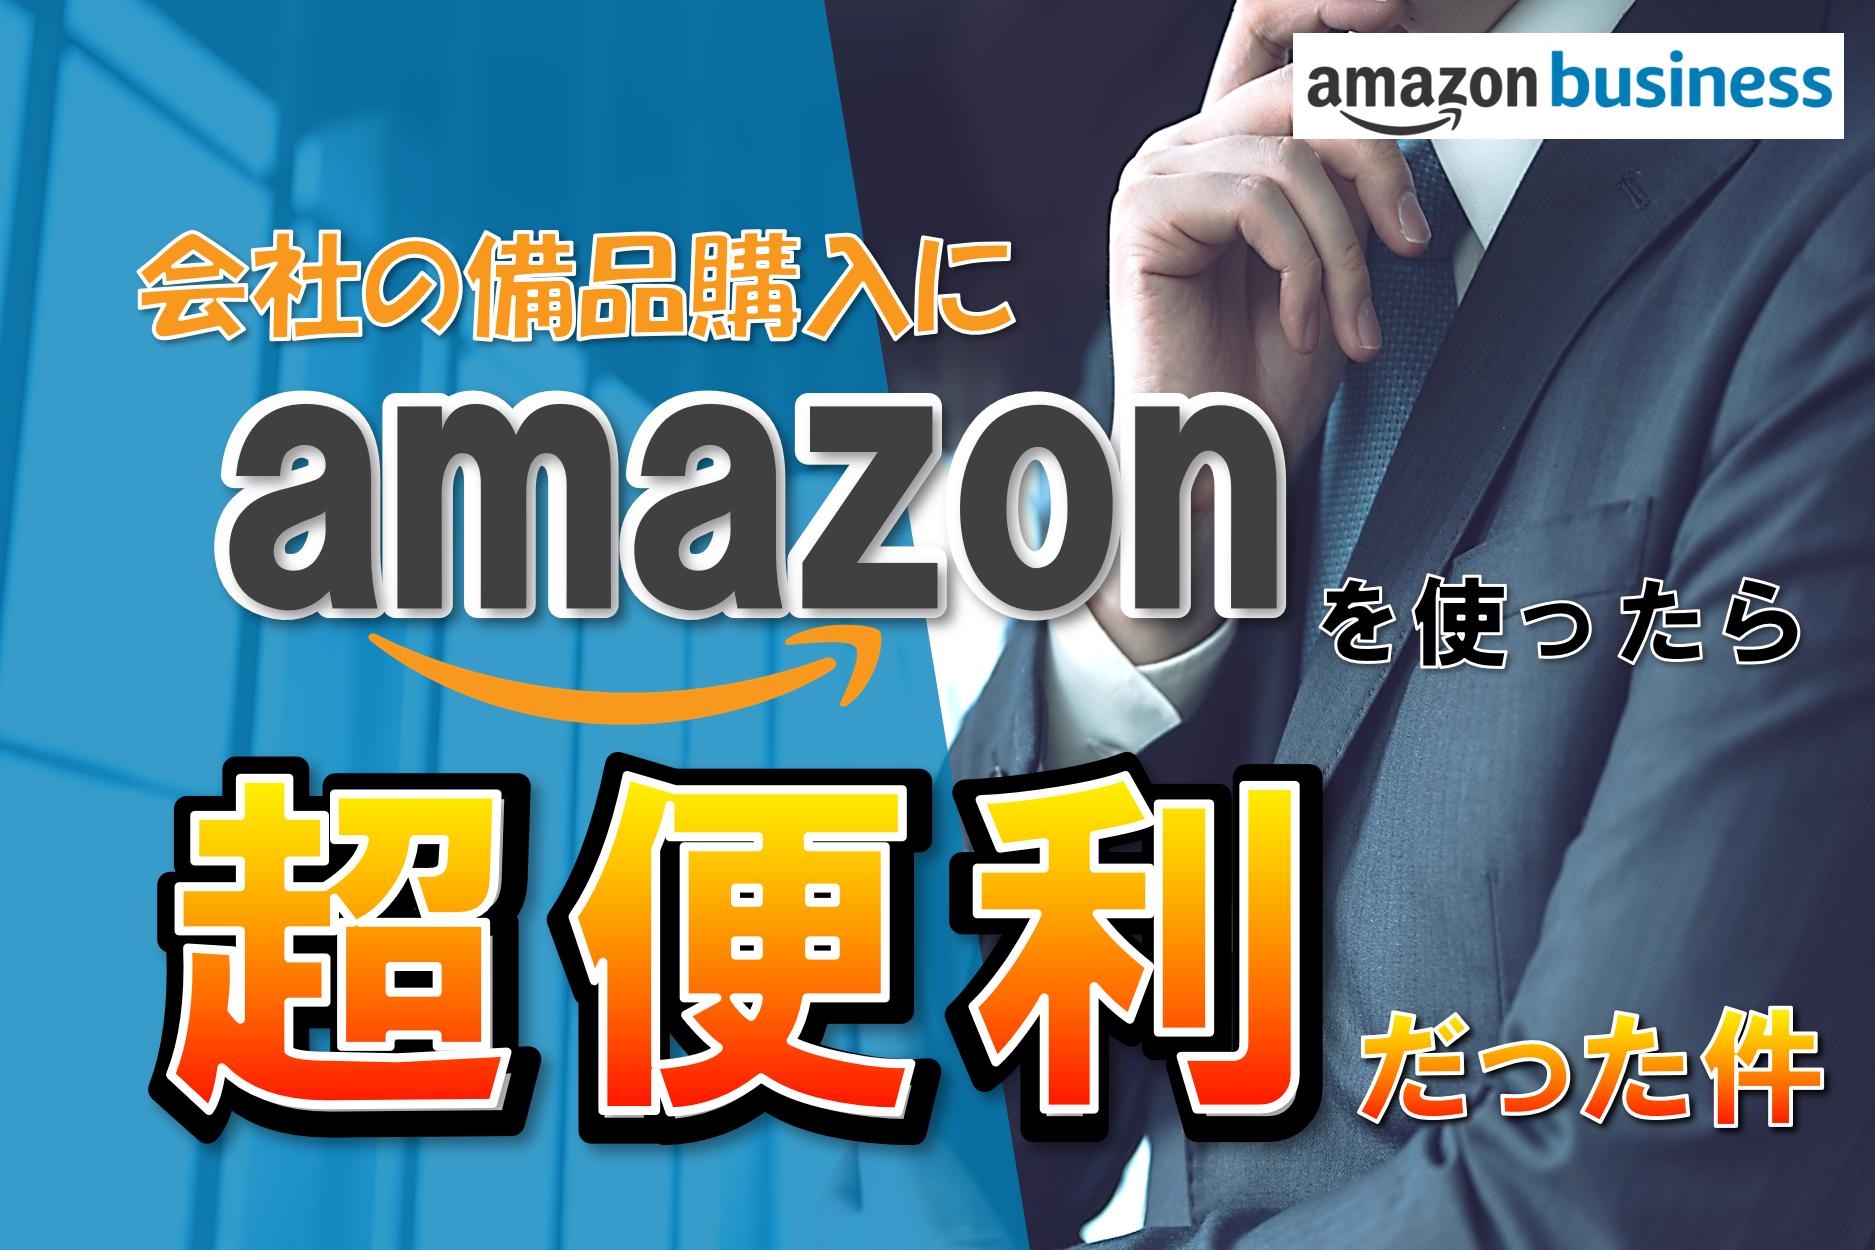 備品購入に超便利!Amazonbusiness(アマゾンビジネス)徹底活用術